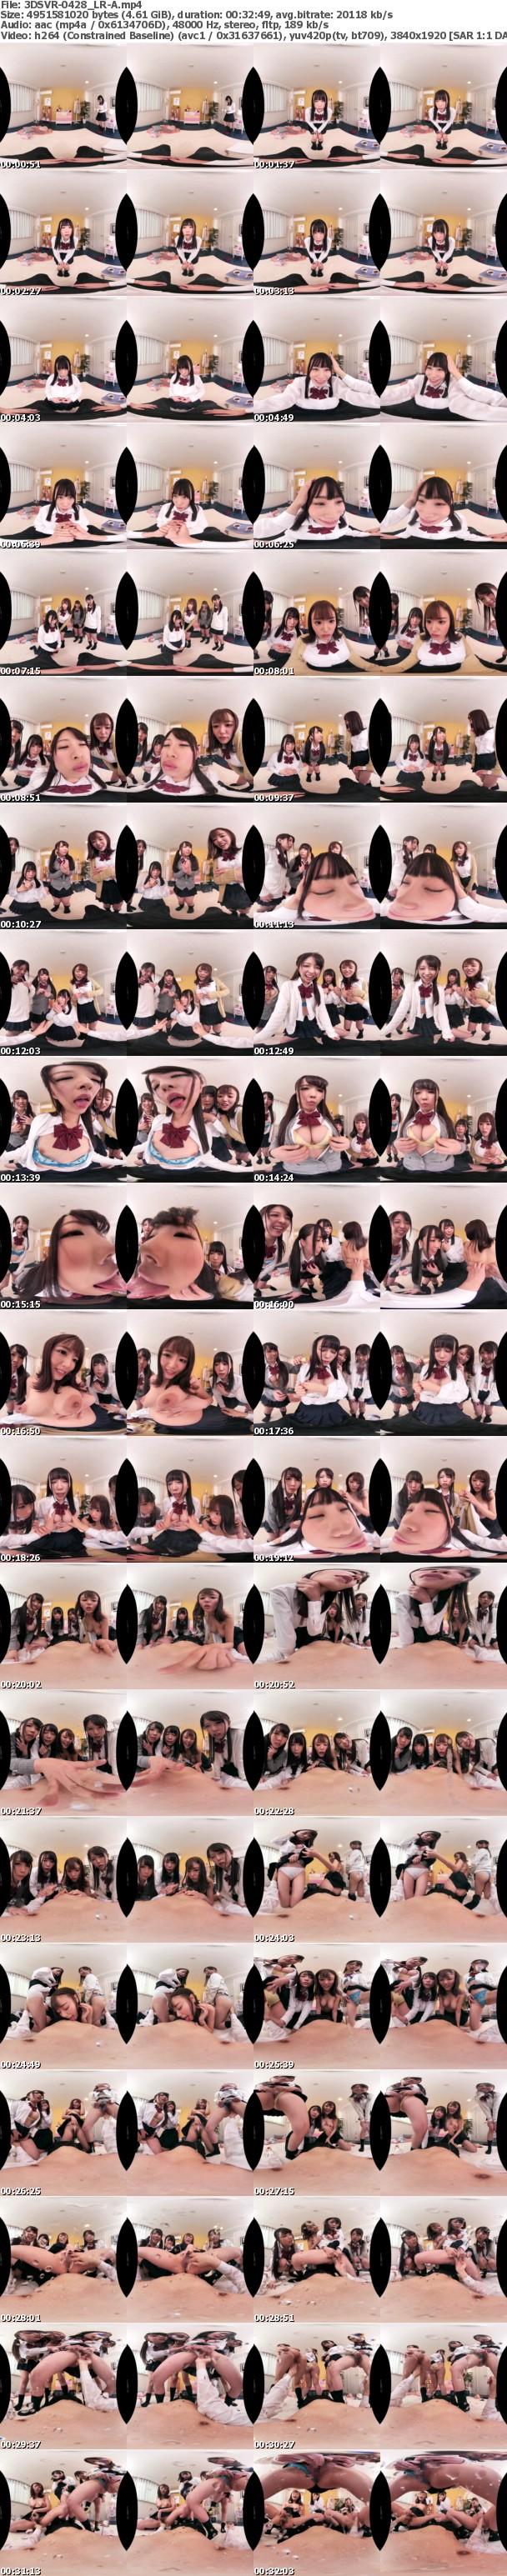 (VR) 3DSVR-0428 『顔面総攻撃VR 俺vs.女子○生たち』クラスメイト4人から唾たらし 顔舐め 尿 ハメ潮ぶっかけ!顔中汁まみれハーレム5P